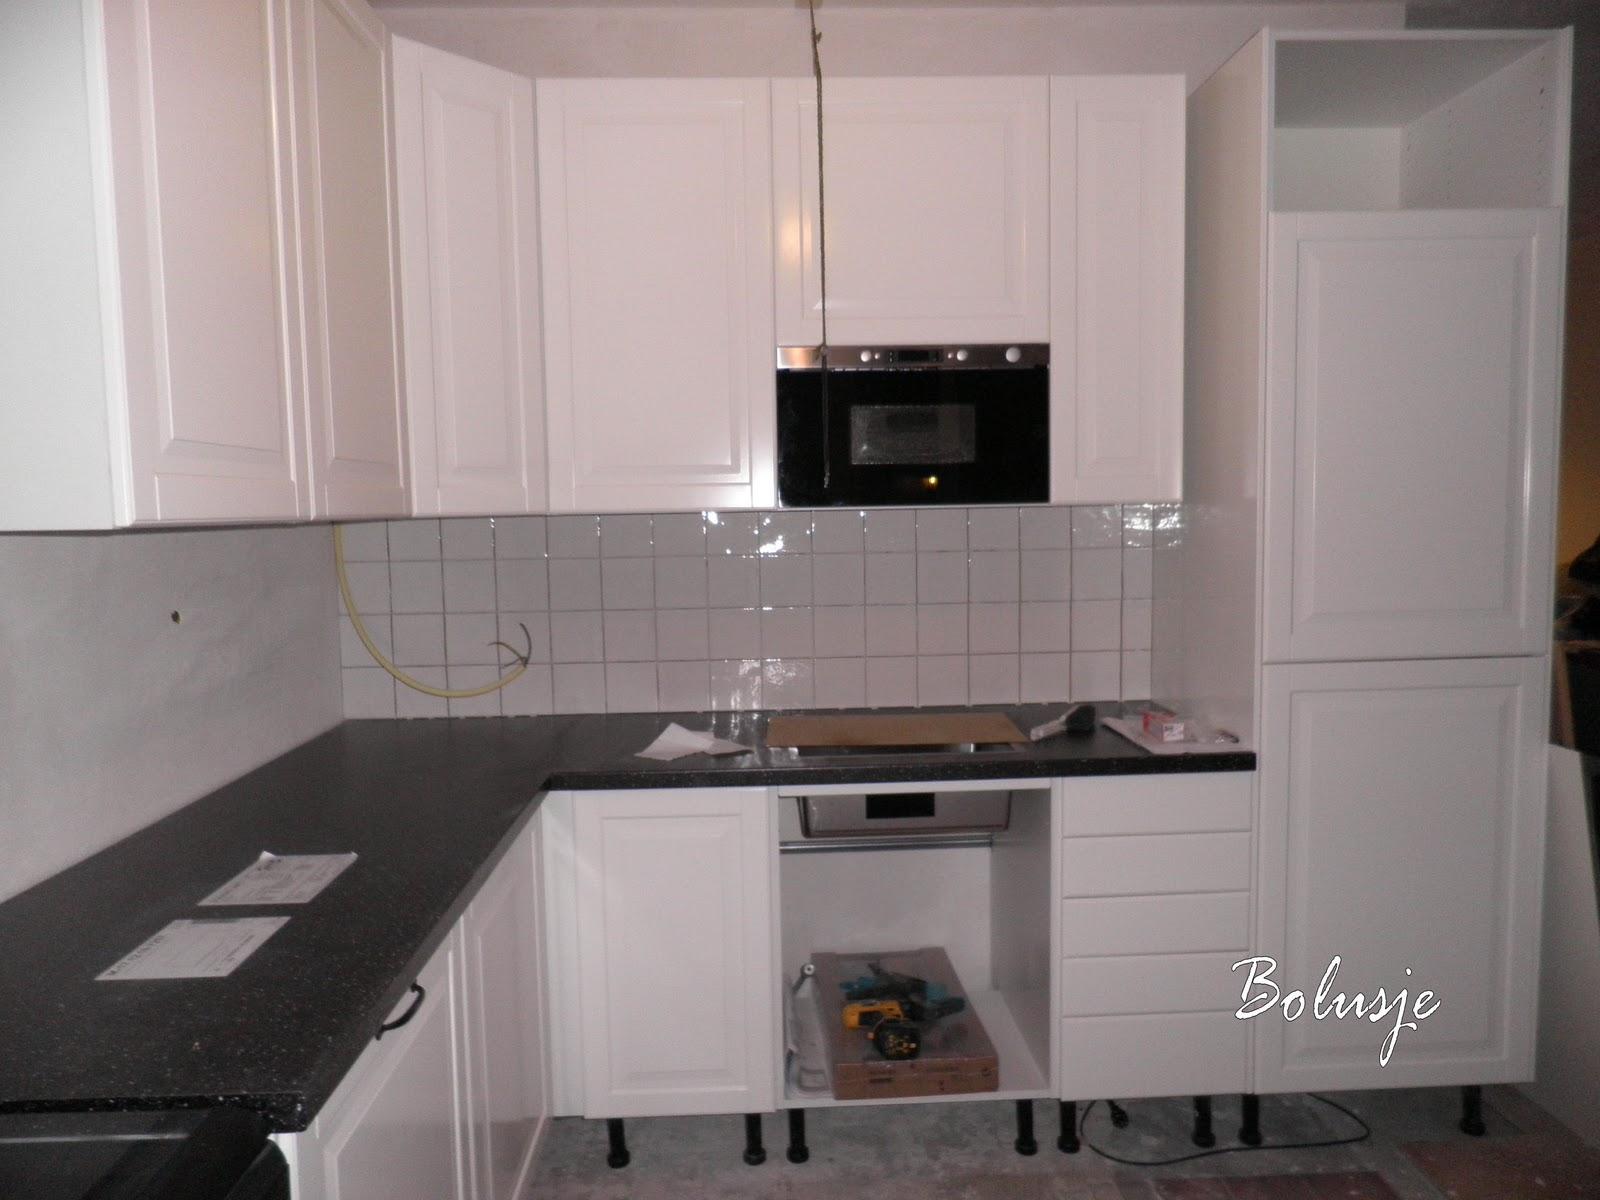 keuken wandtegels zonder voeg : Nl Funvit Com Keuken Met Tegels